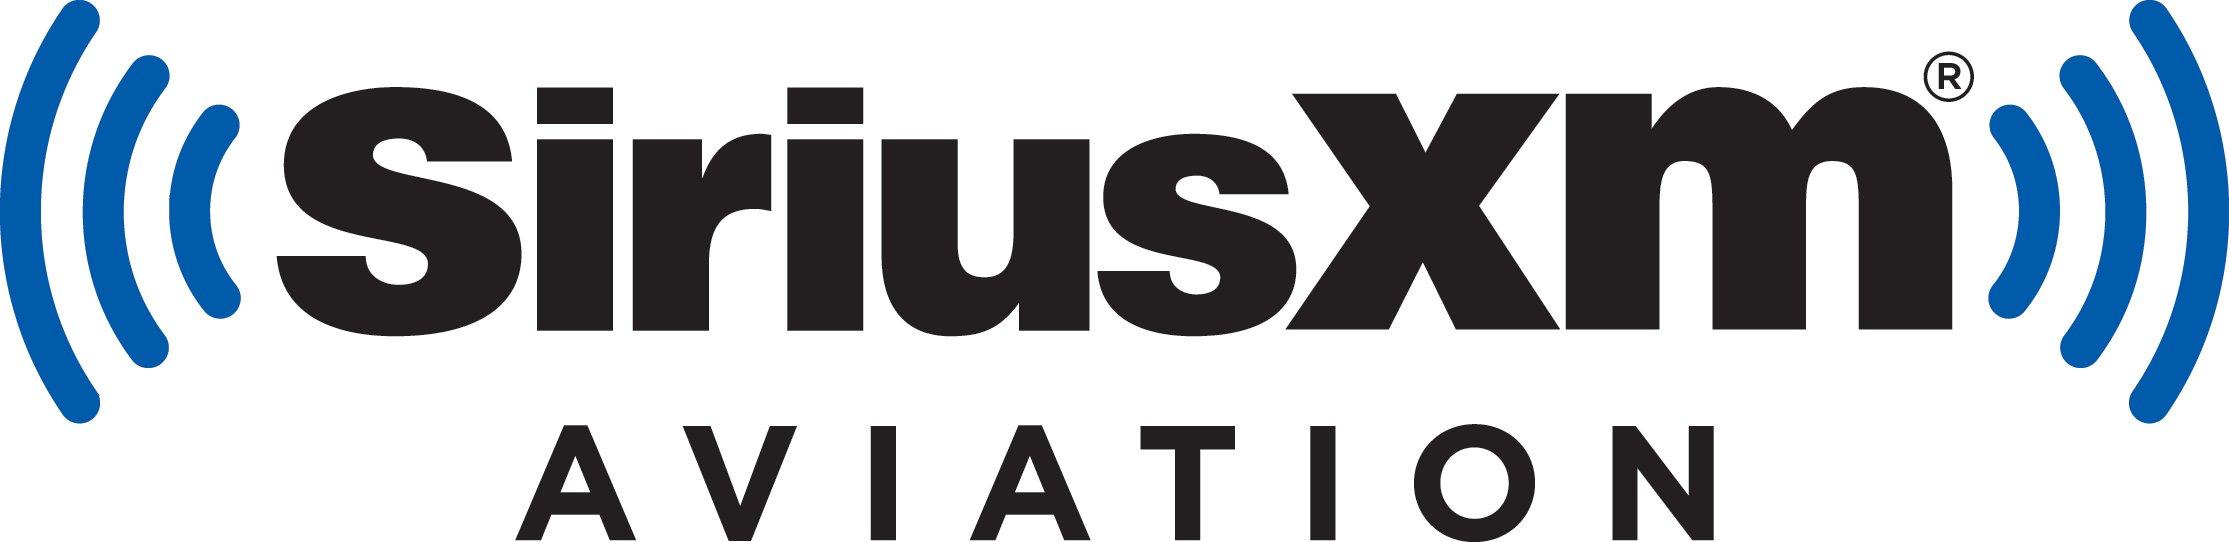 SXM_Aviation_Logo_4C